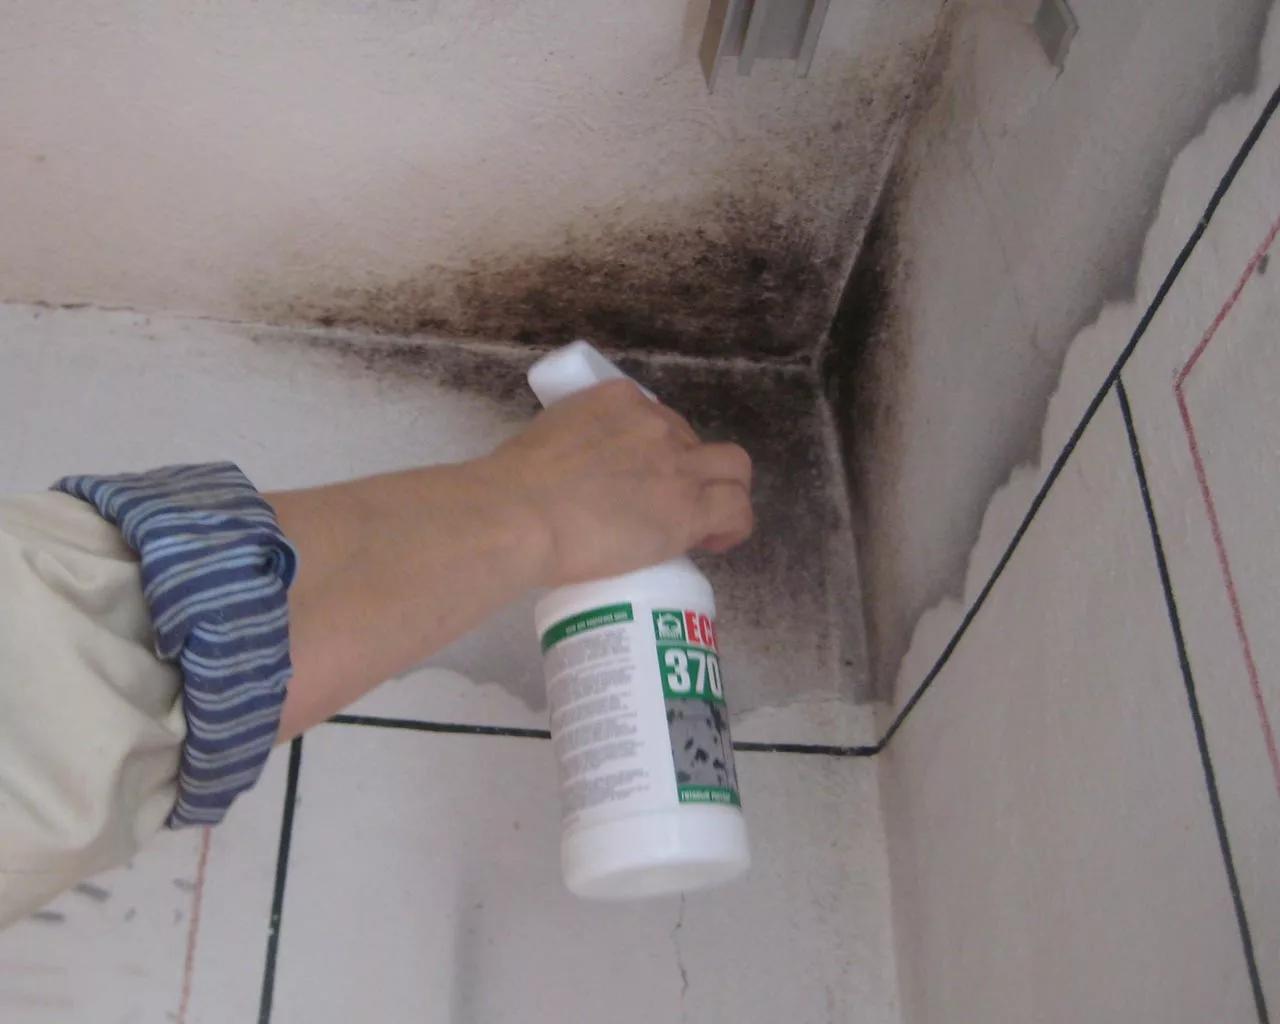 Как избавиться от грибка и удалить плесень в квартире на потолке